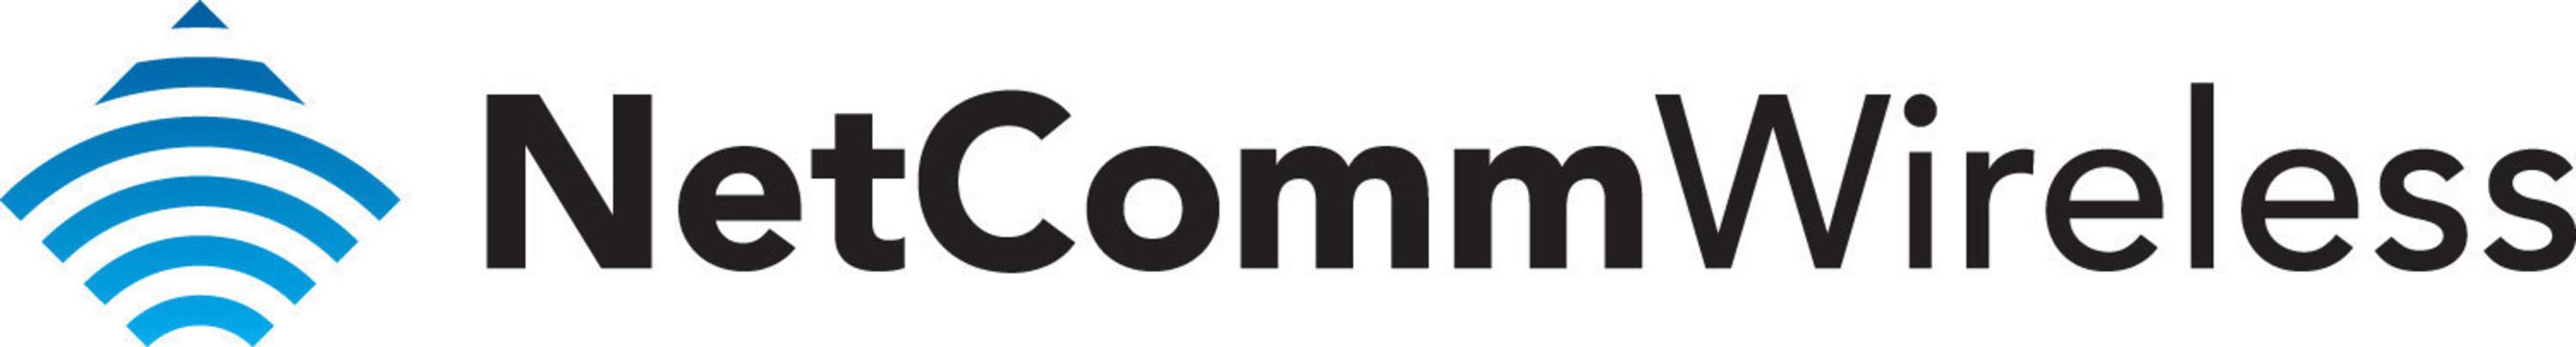 NetComm Wireless, Deutsche Telekom y Cumulocity colaboran en M2M industrial